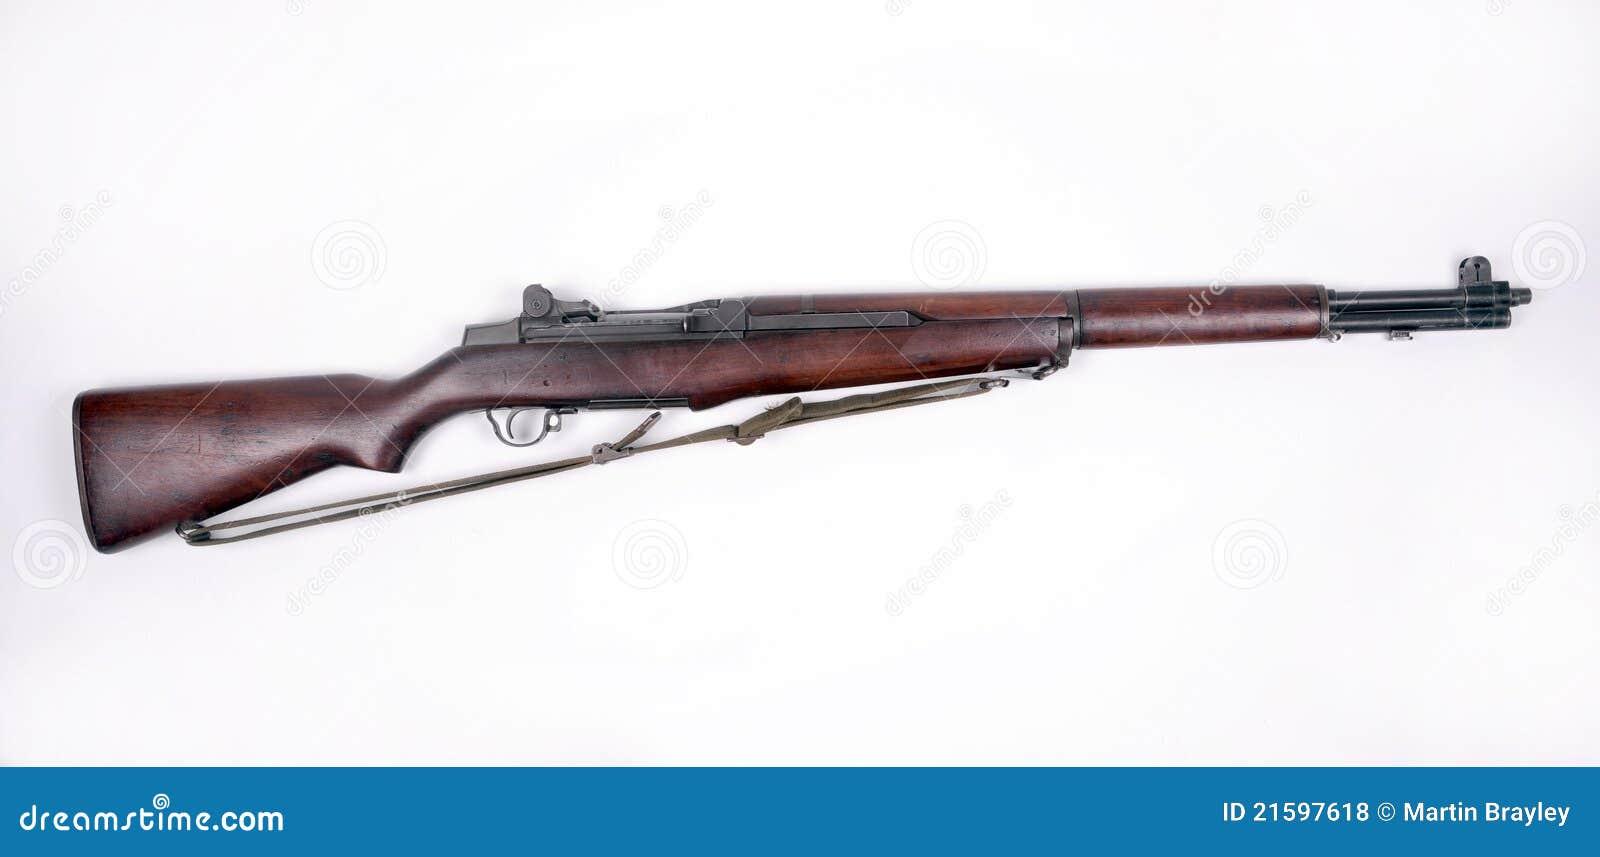 American M1 Garand rifle Ww2 Airsoft Guns M1 Garand